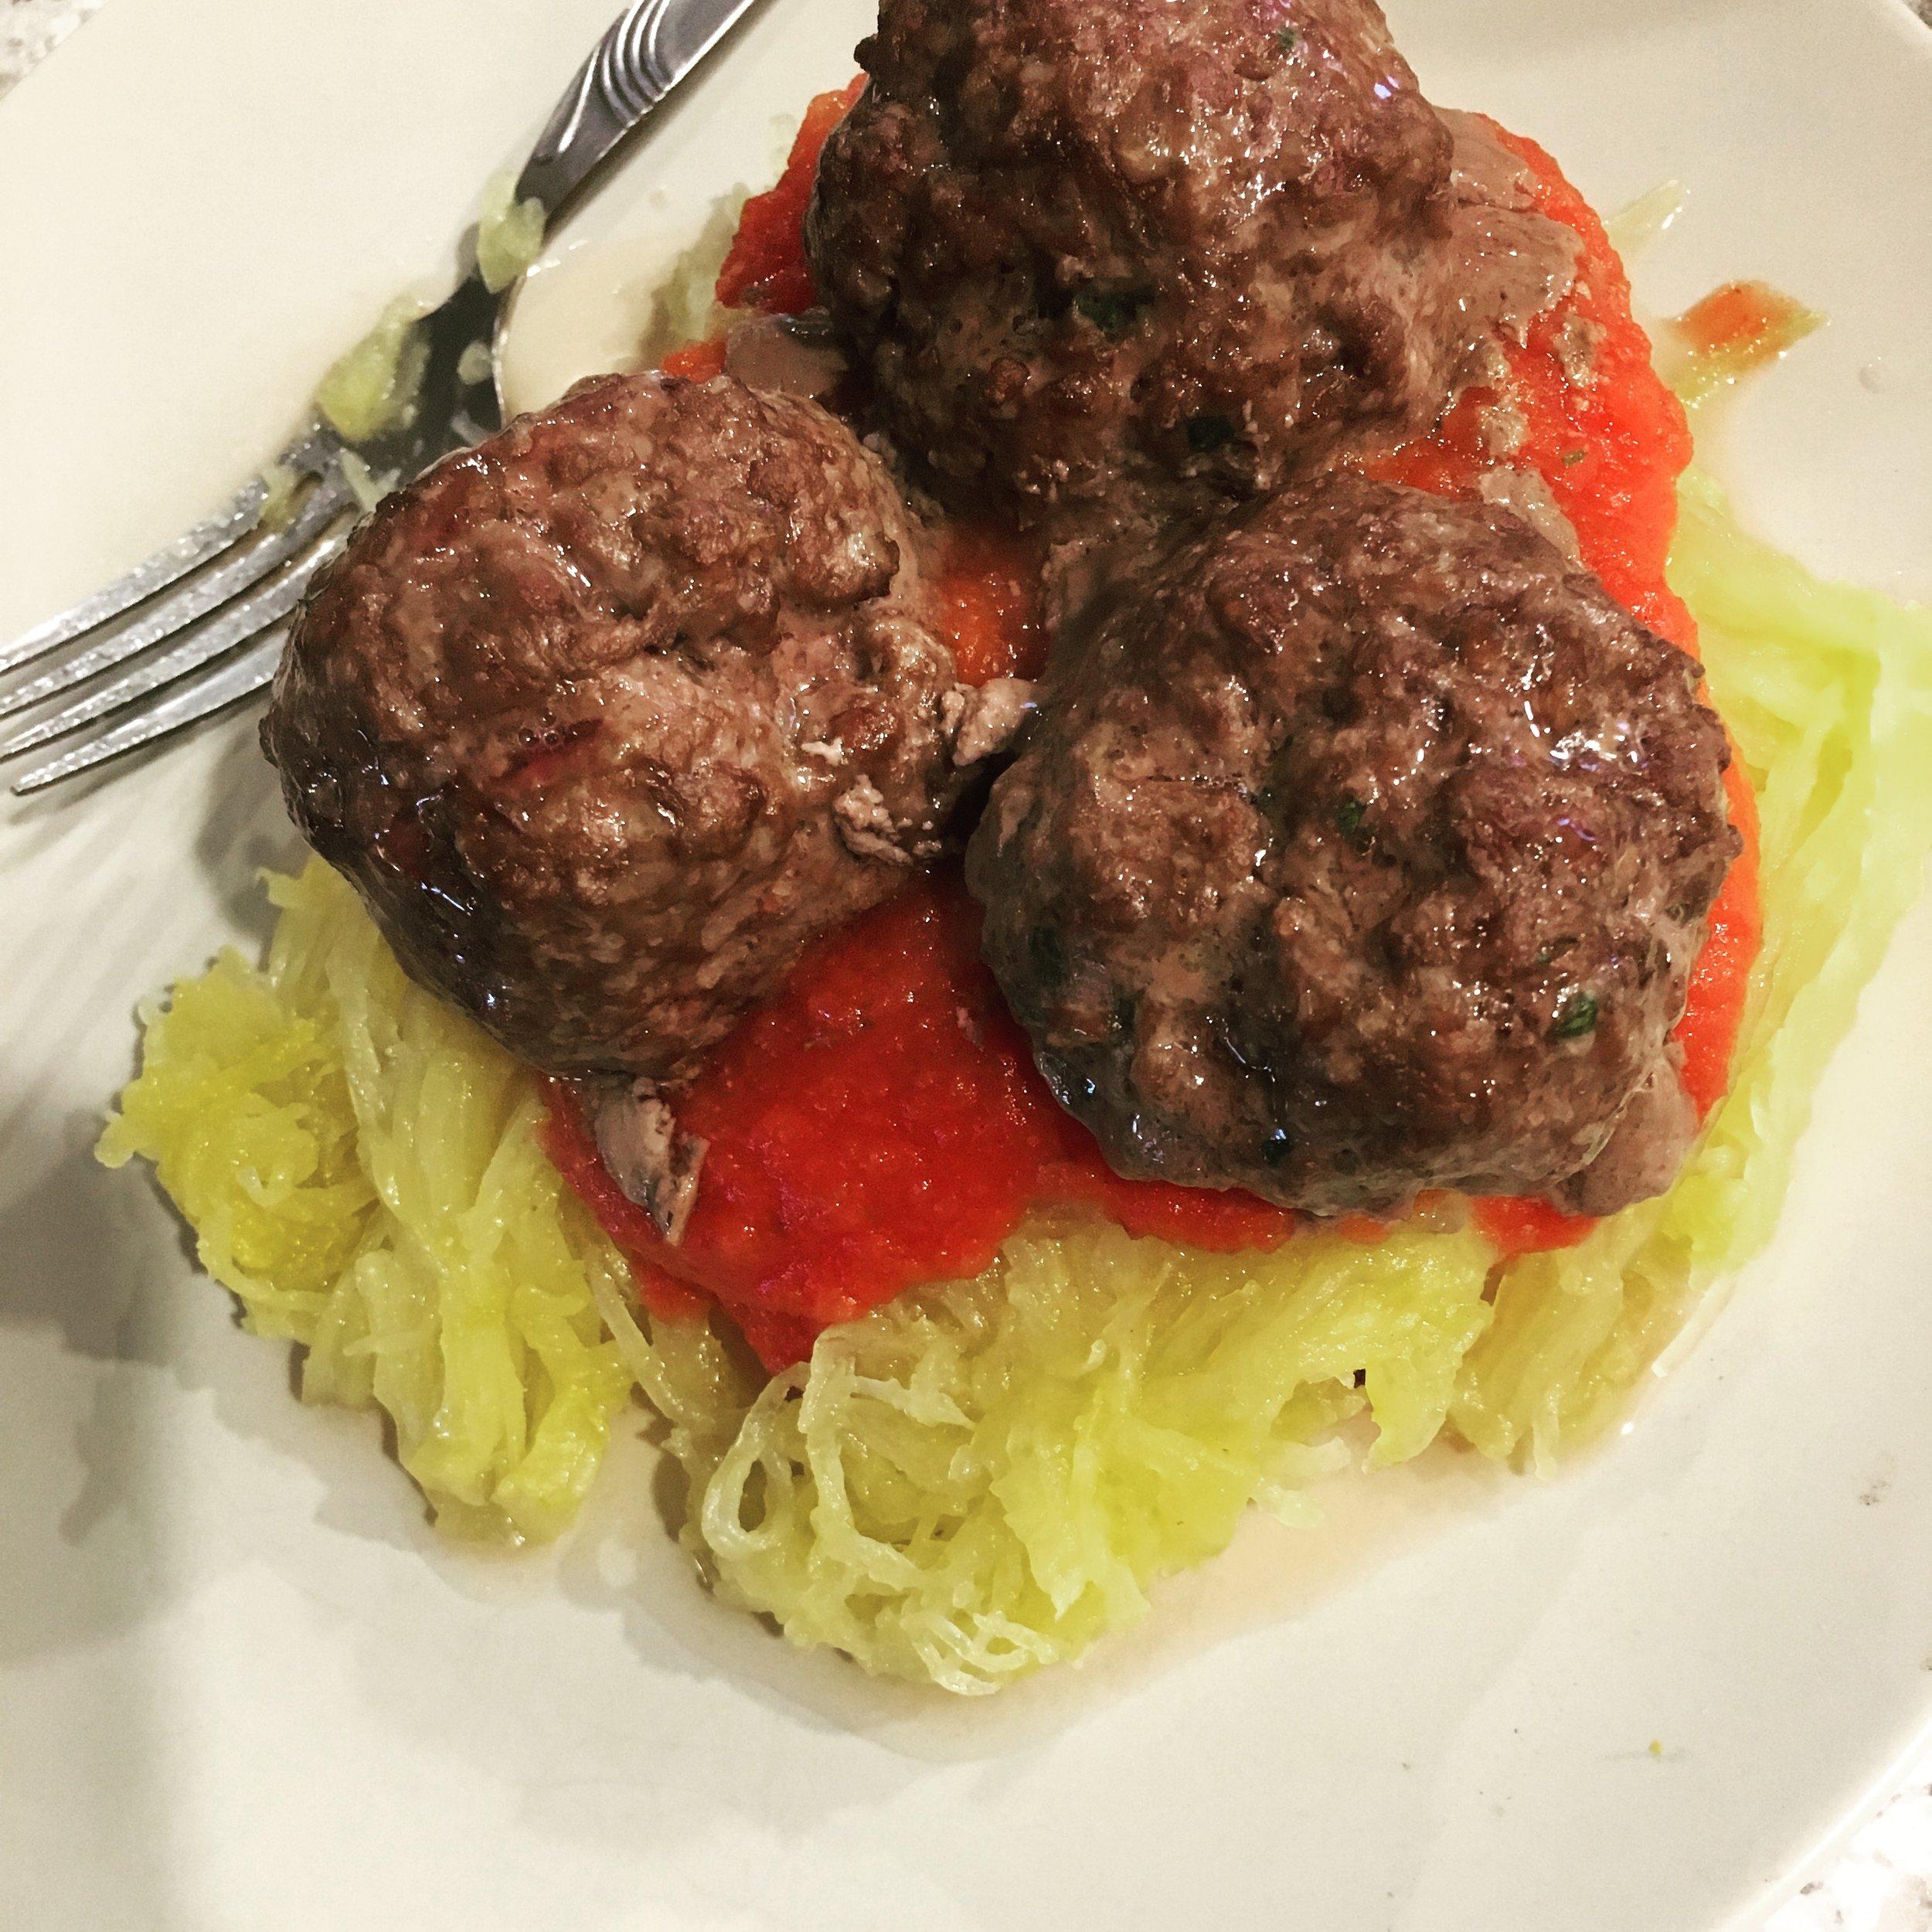 grassfed meatballs over spaghetti squash